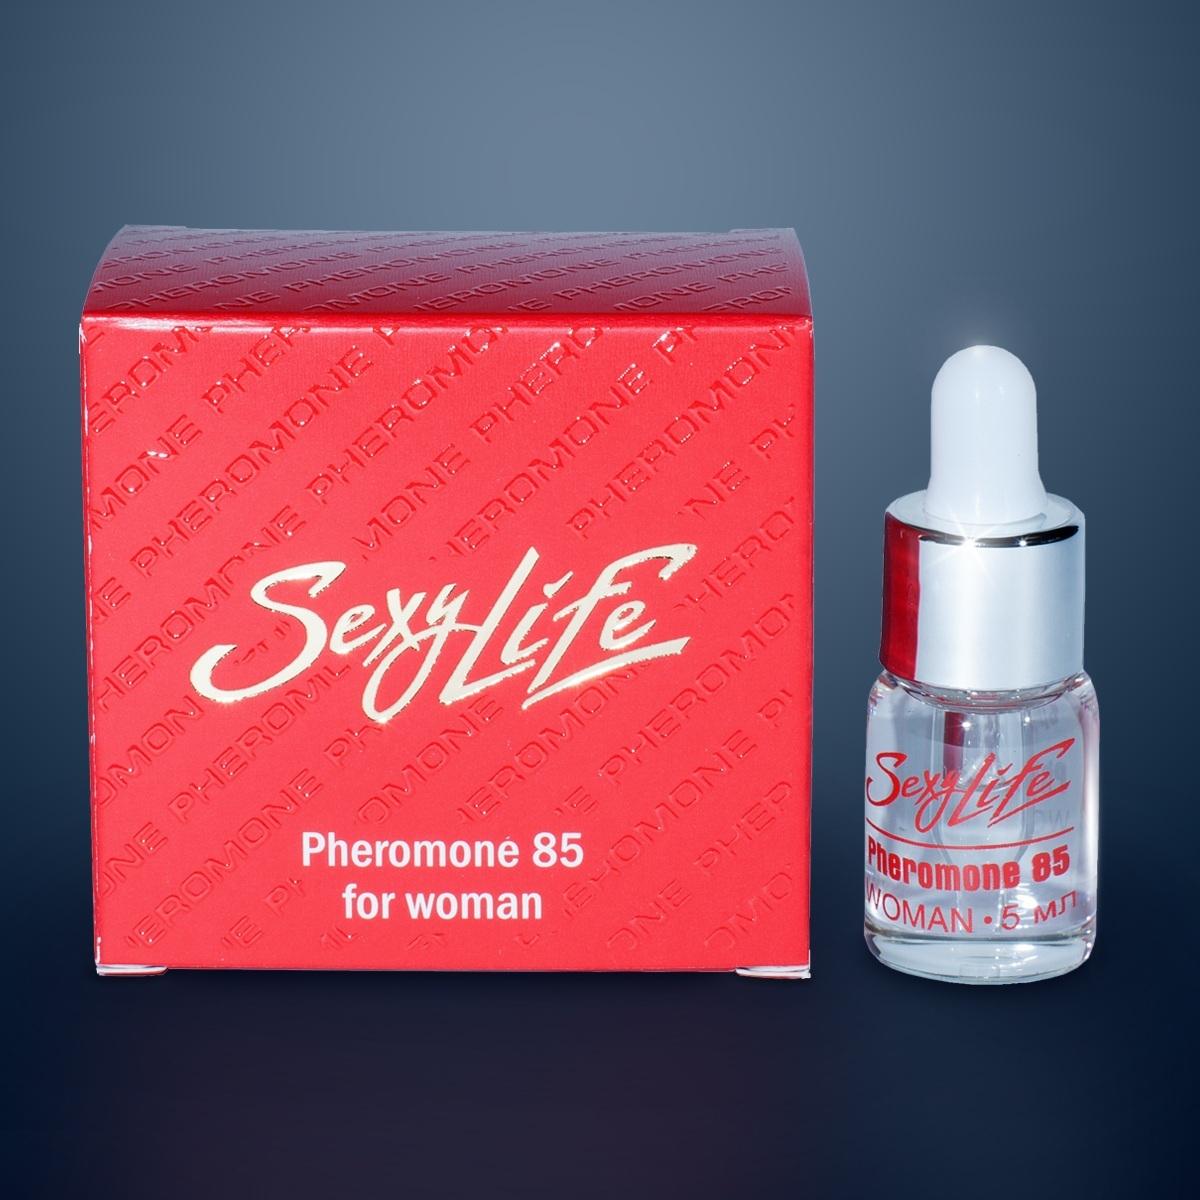 Концентраты феромонов: Концентрат феромонов Sexy Life для женщин (концентрация 85%) - 5 мл.